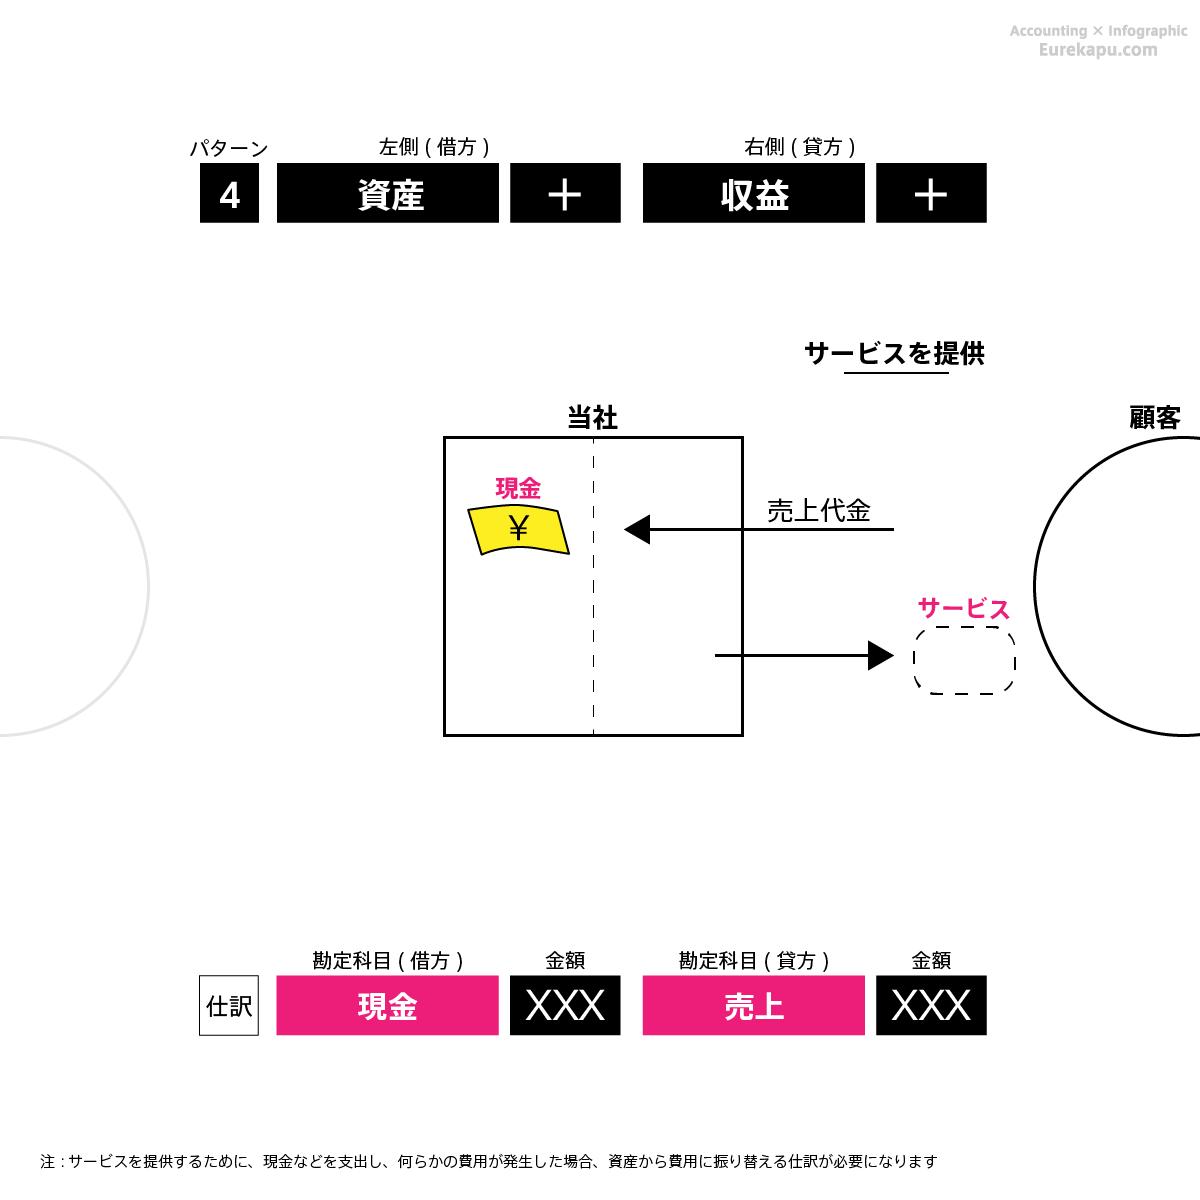 仕訳のパターン4の具体例1を解説しています